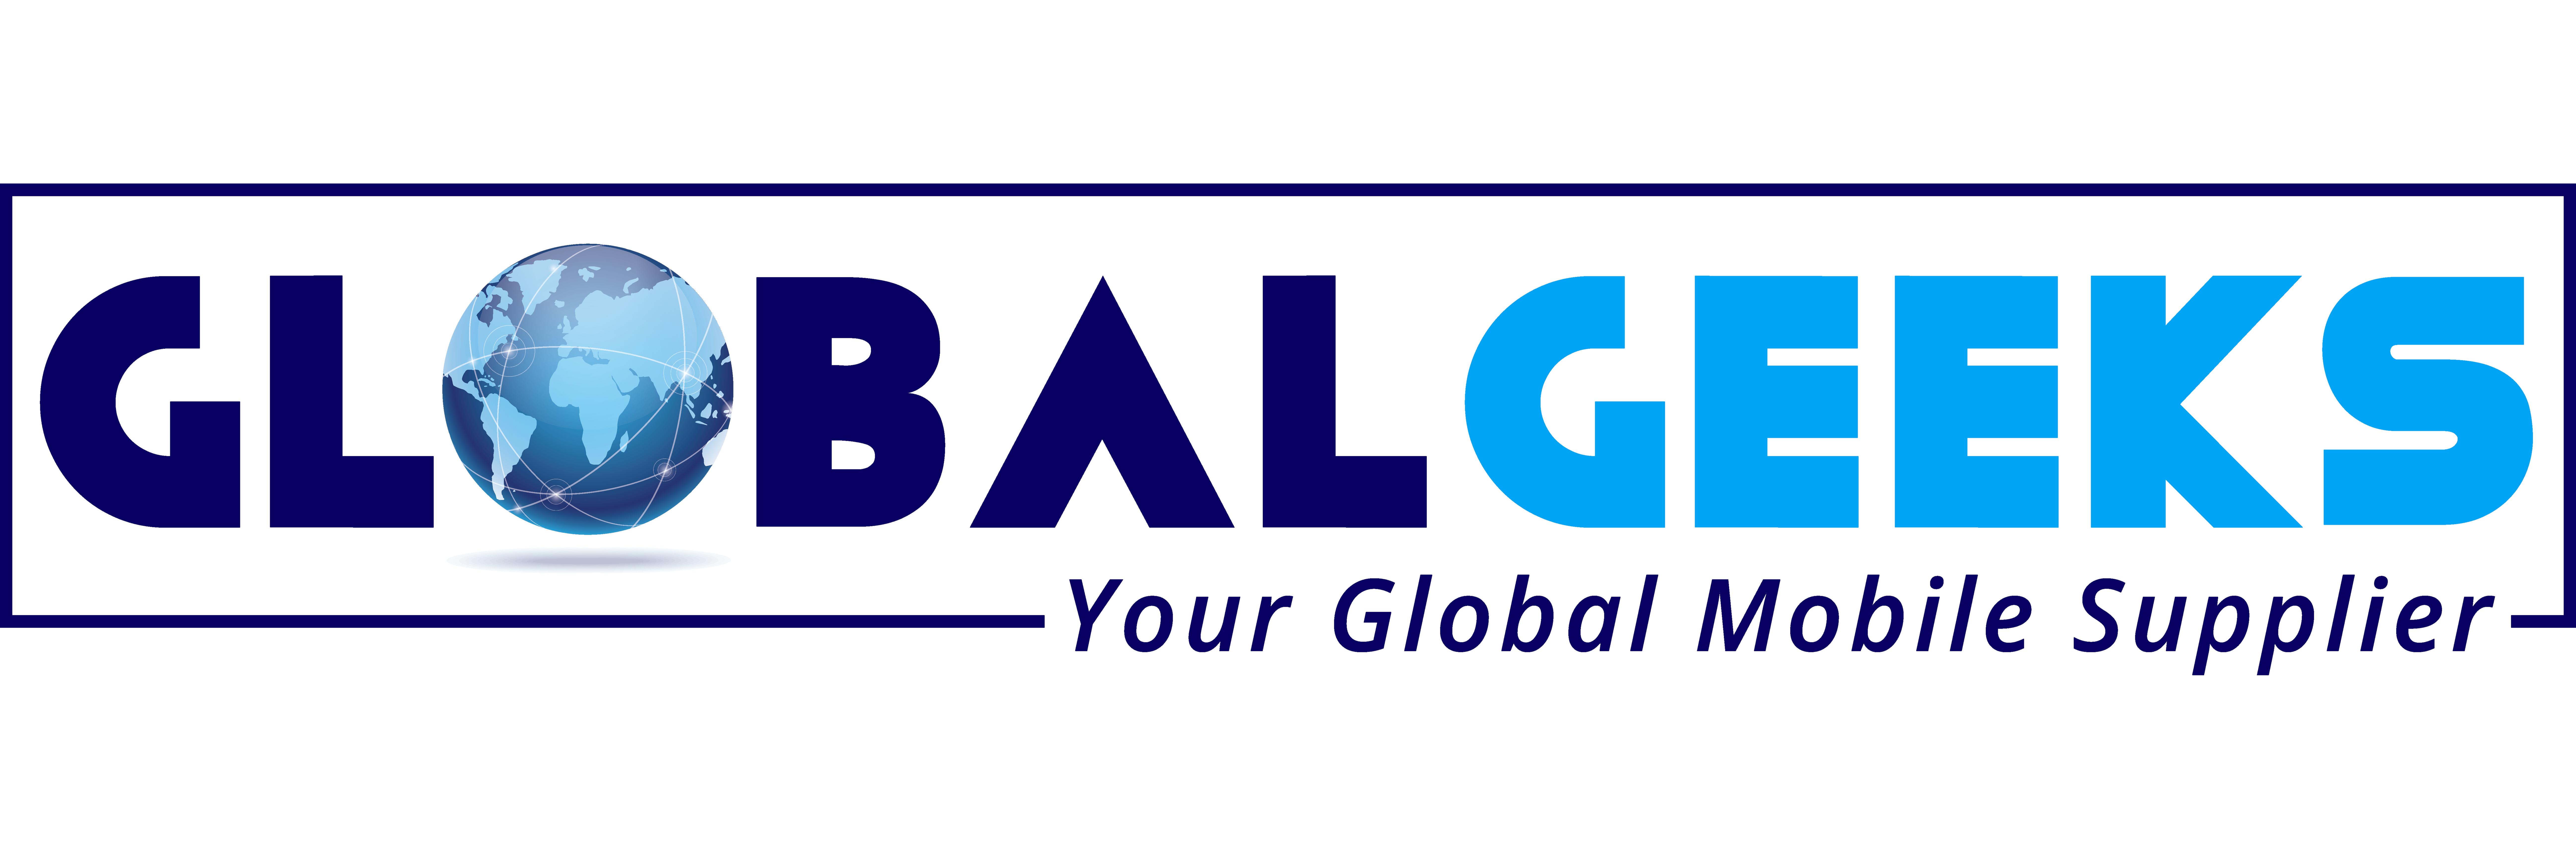 Global Geeks logo